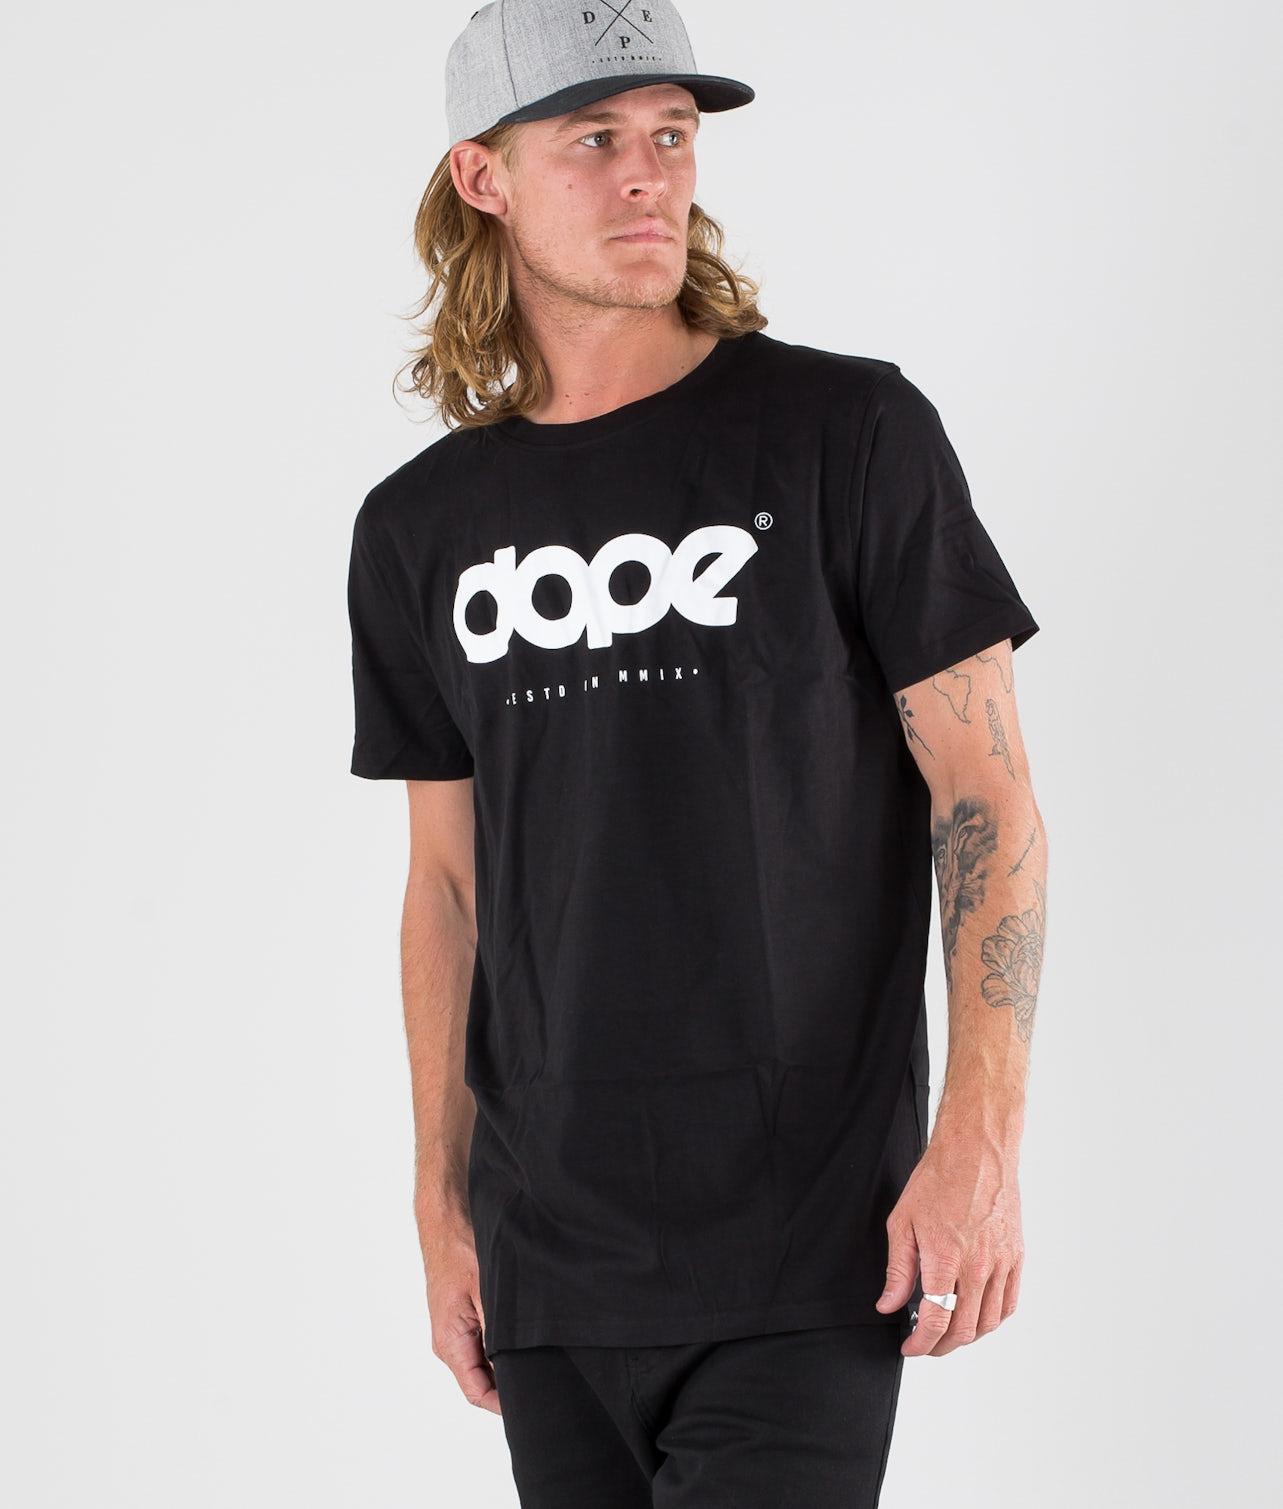 Kjøp OG Logo T-shirt fra Dope på Ridestore.no - Hos oss har du alltid fri frakt, fri retur og 30 dagers åpent kjøp!